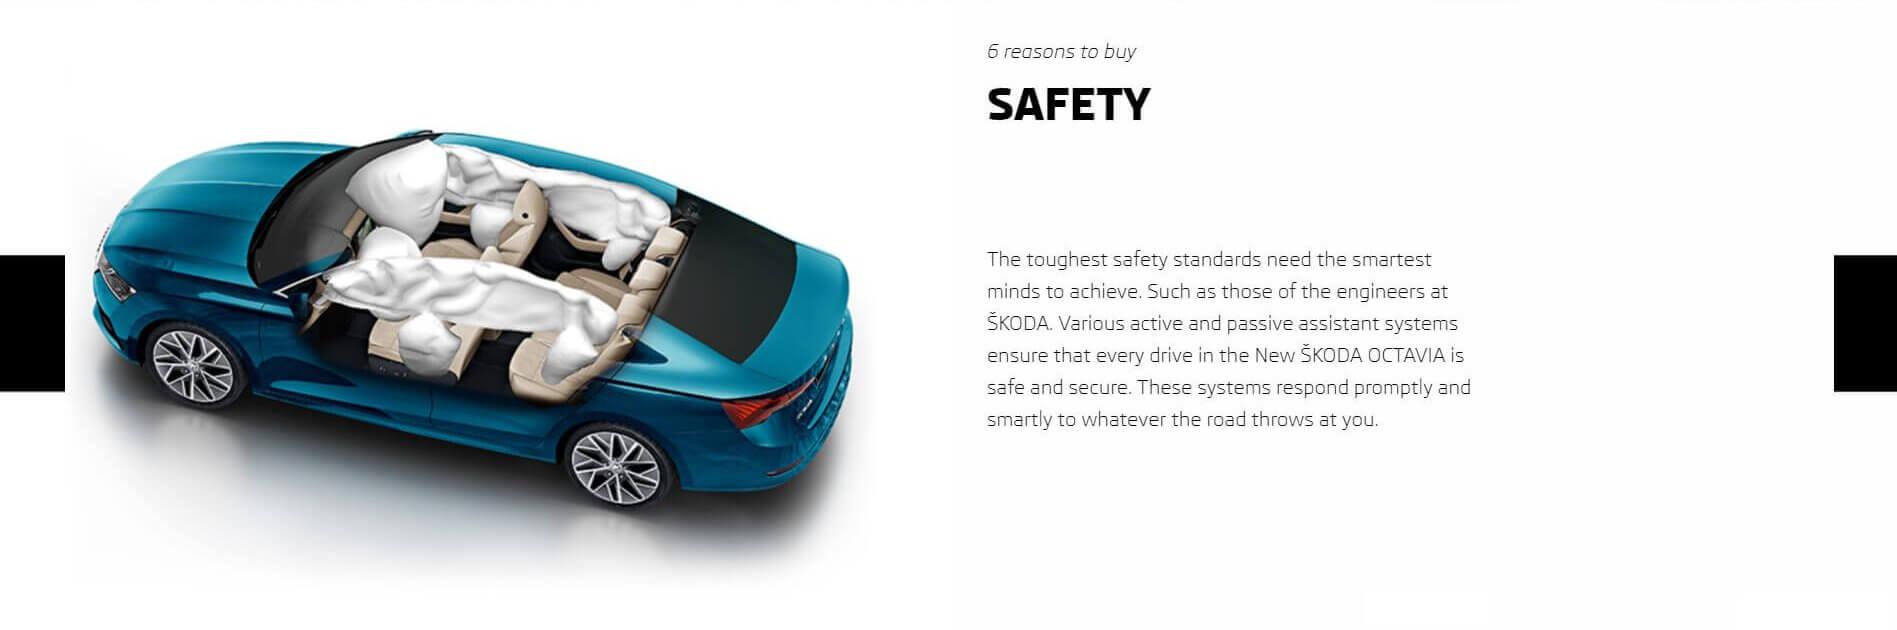 6 Reasons To Buy Octavia 05